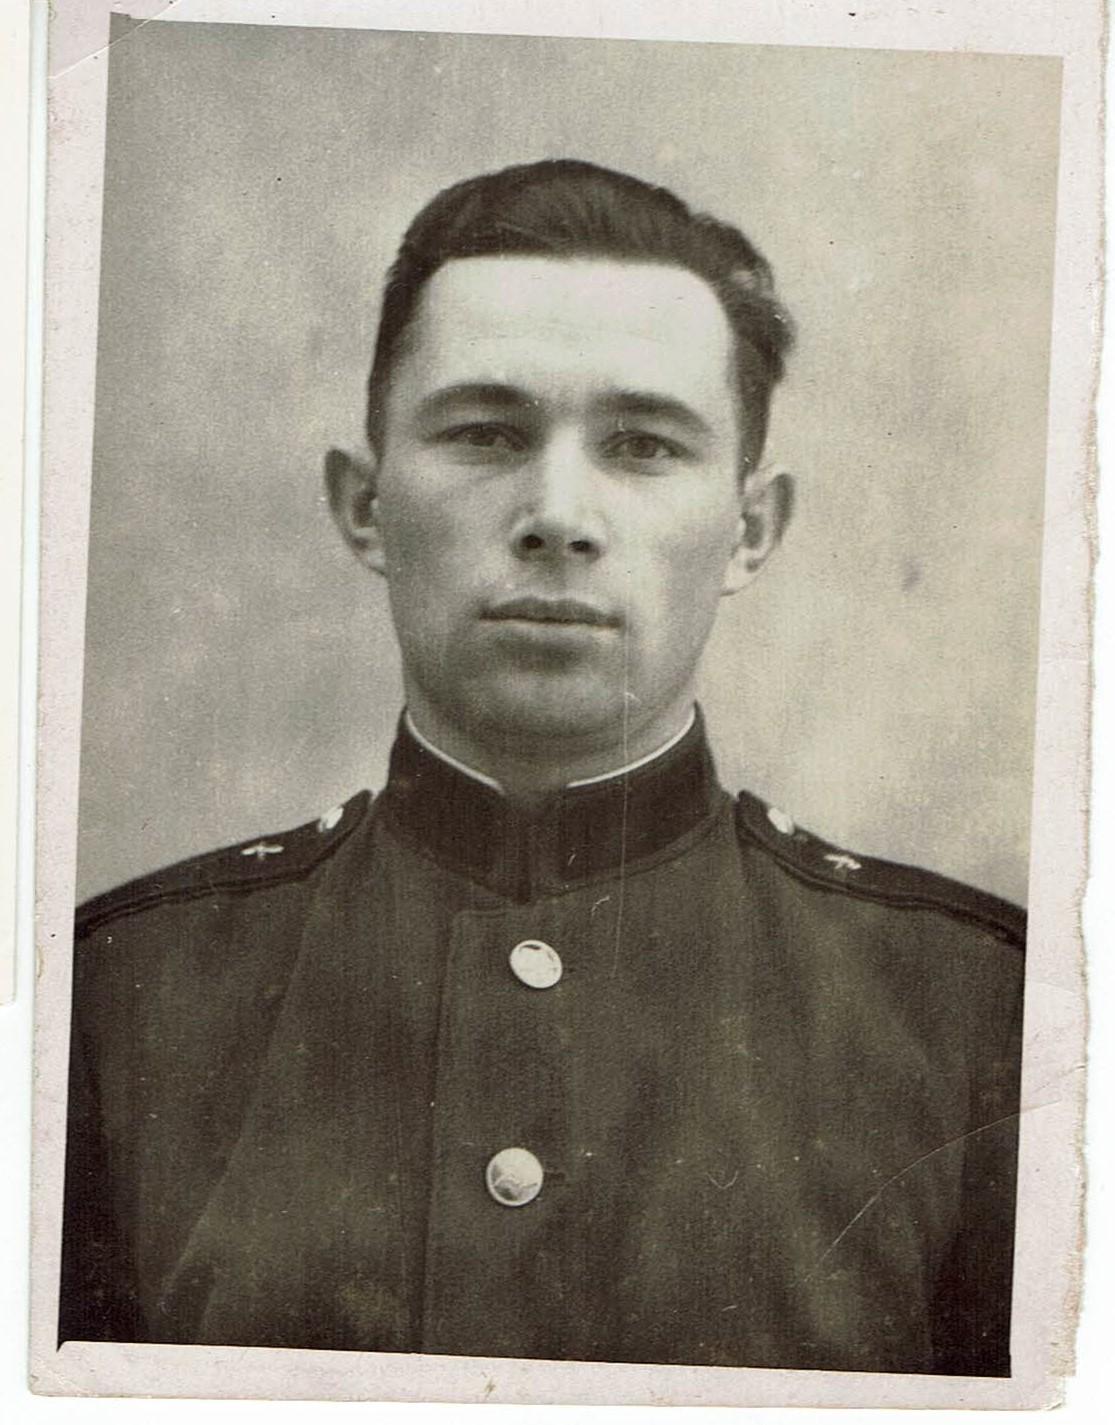 Nikolai when he was young.